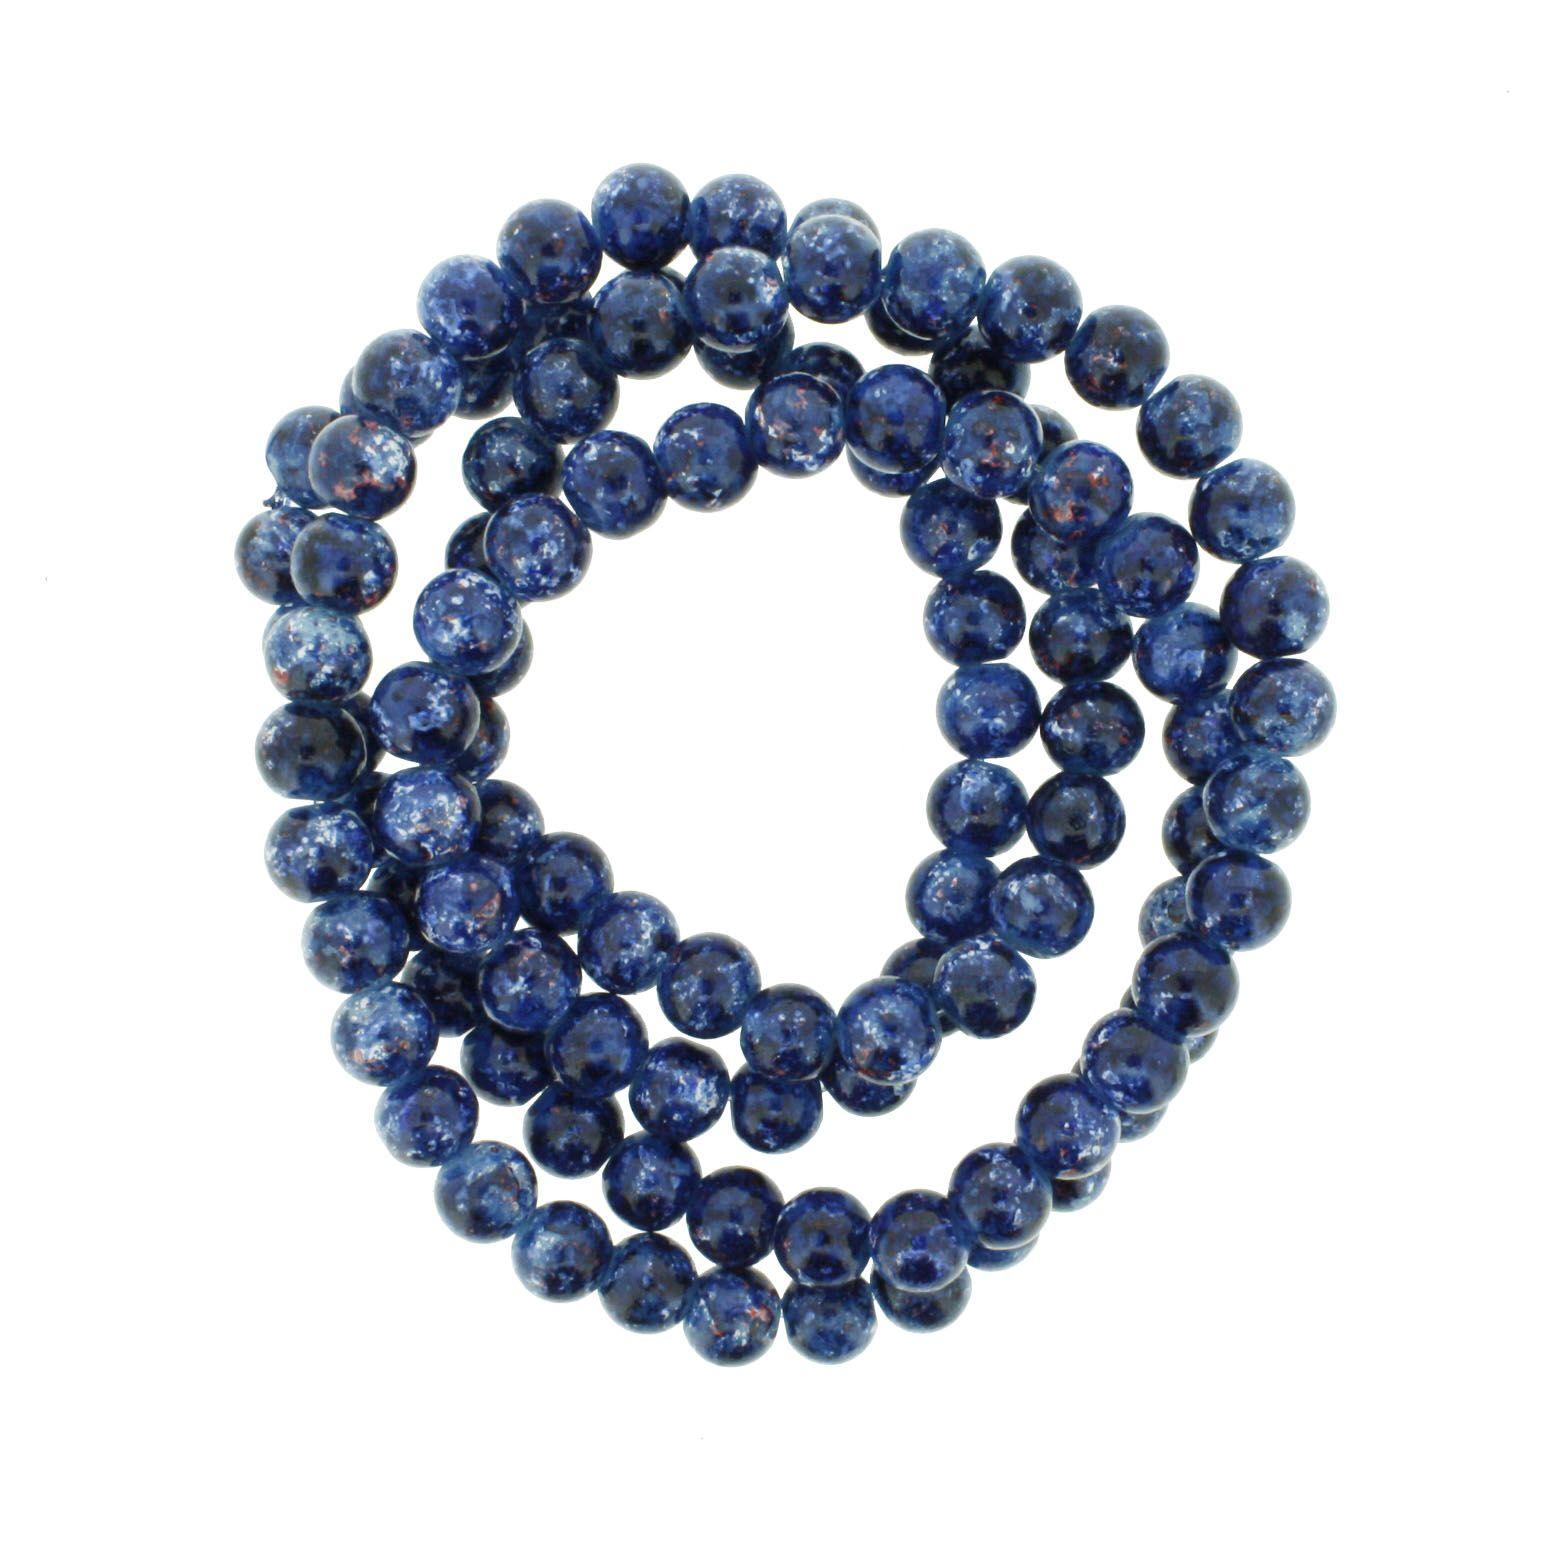 Fio de Contas Pintadas - Azul e Branco - 8mm  - Universo Religioso® - Artigos de Umbanda e Candomblé